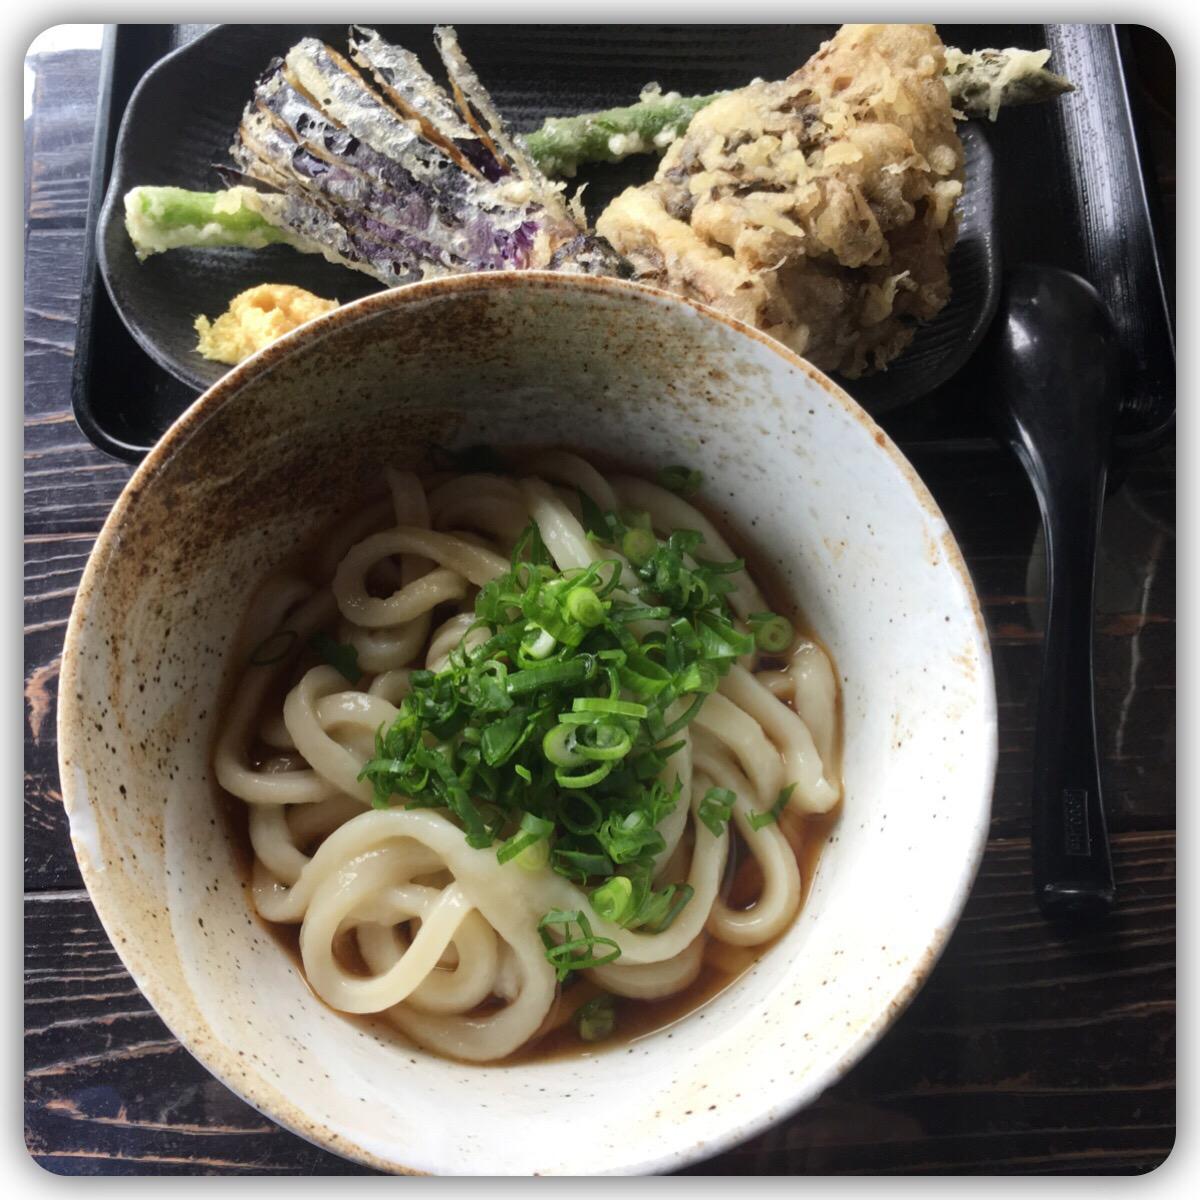 ぶっかけうどん ナスの天ぷら アスパラガスの天ぷら 舞茸の天ぷら